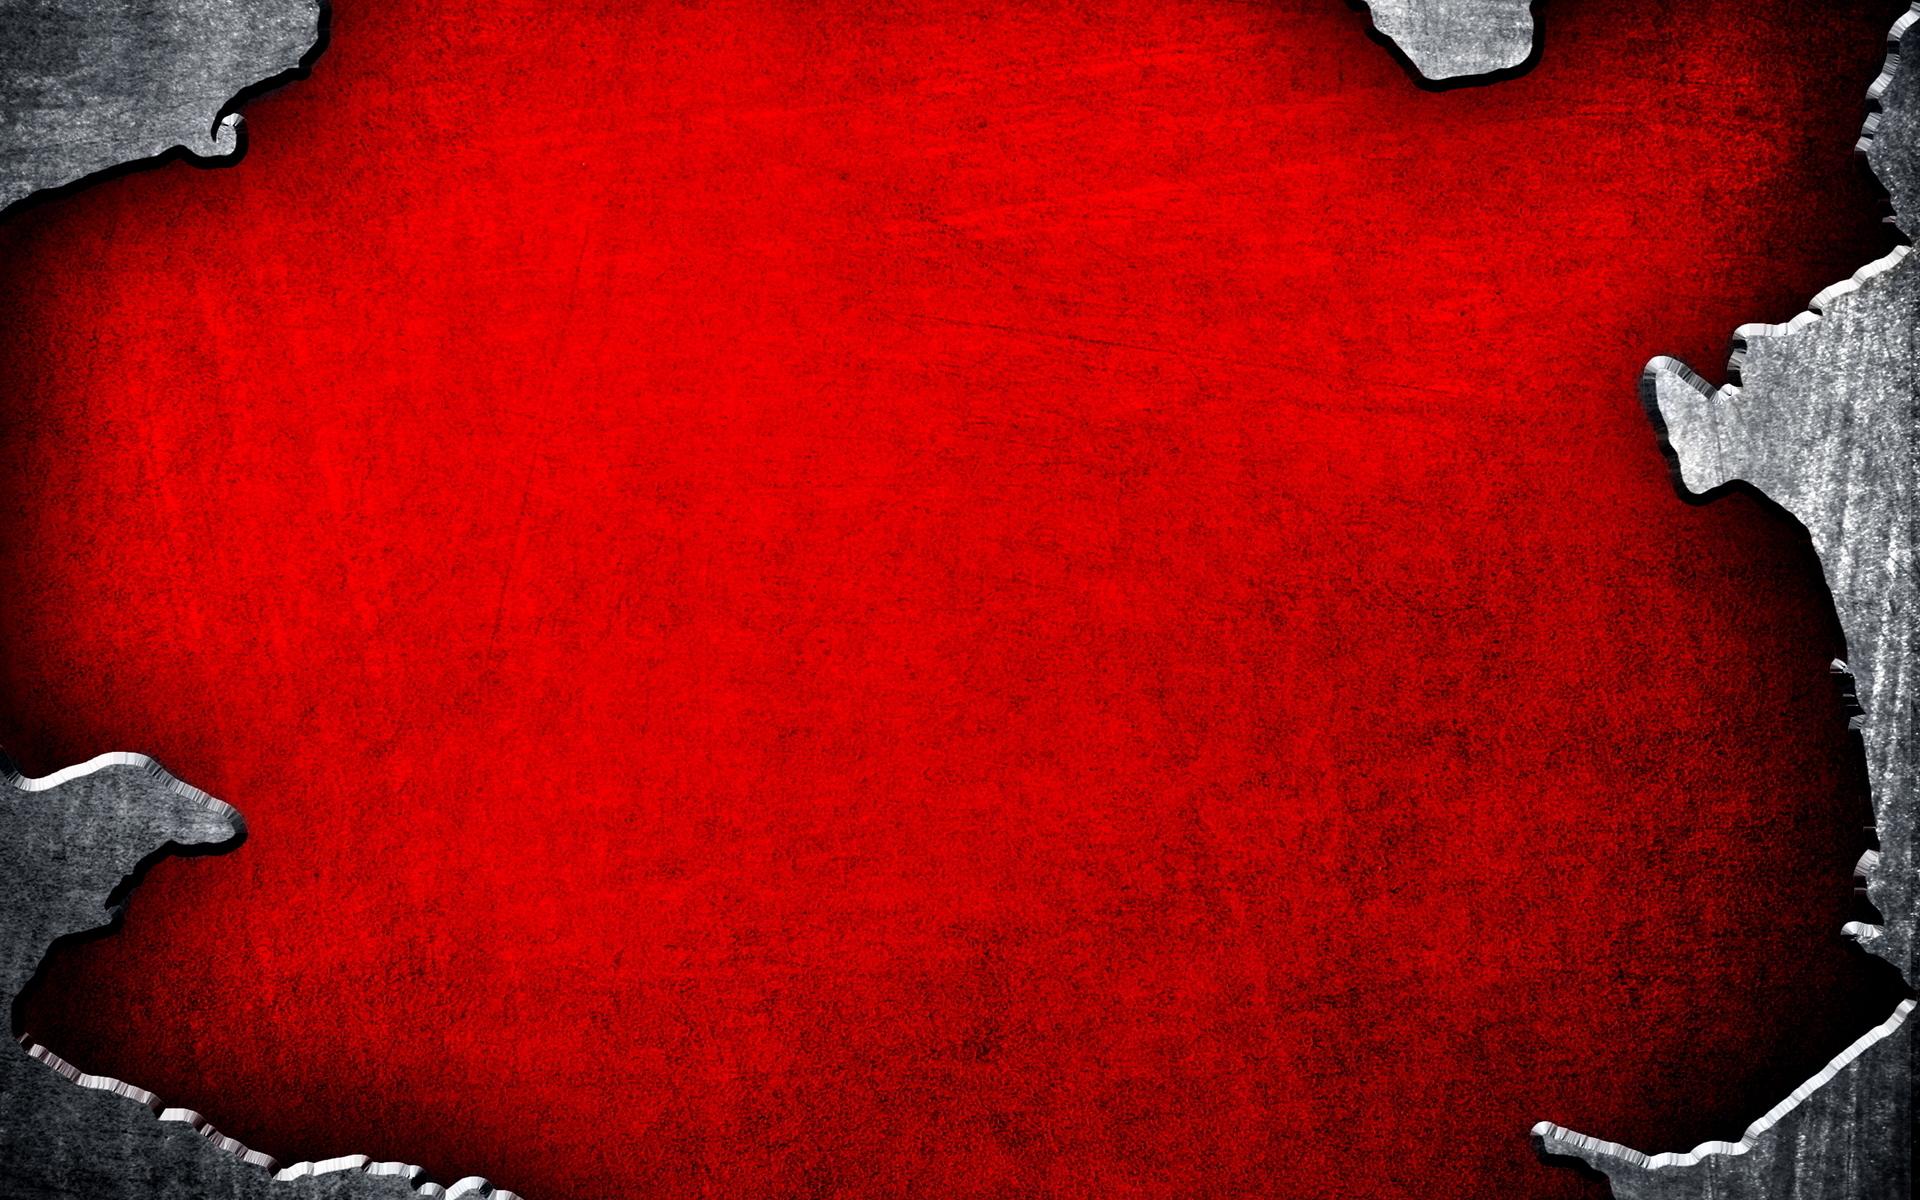 wallpaper texture background red metallic desktop Black 1920x1200